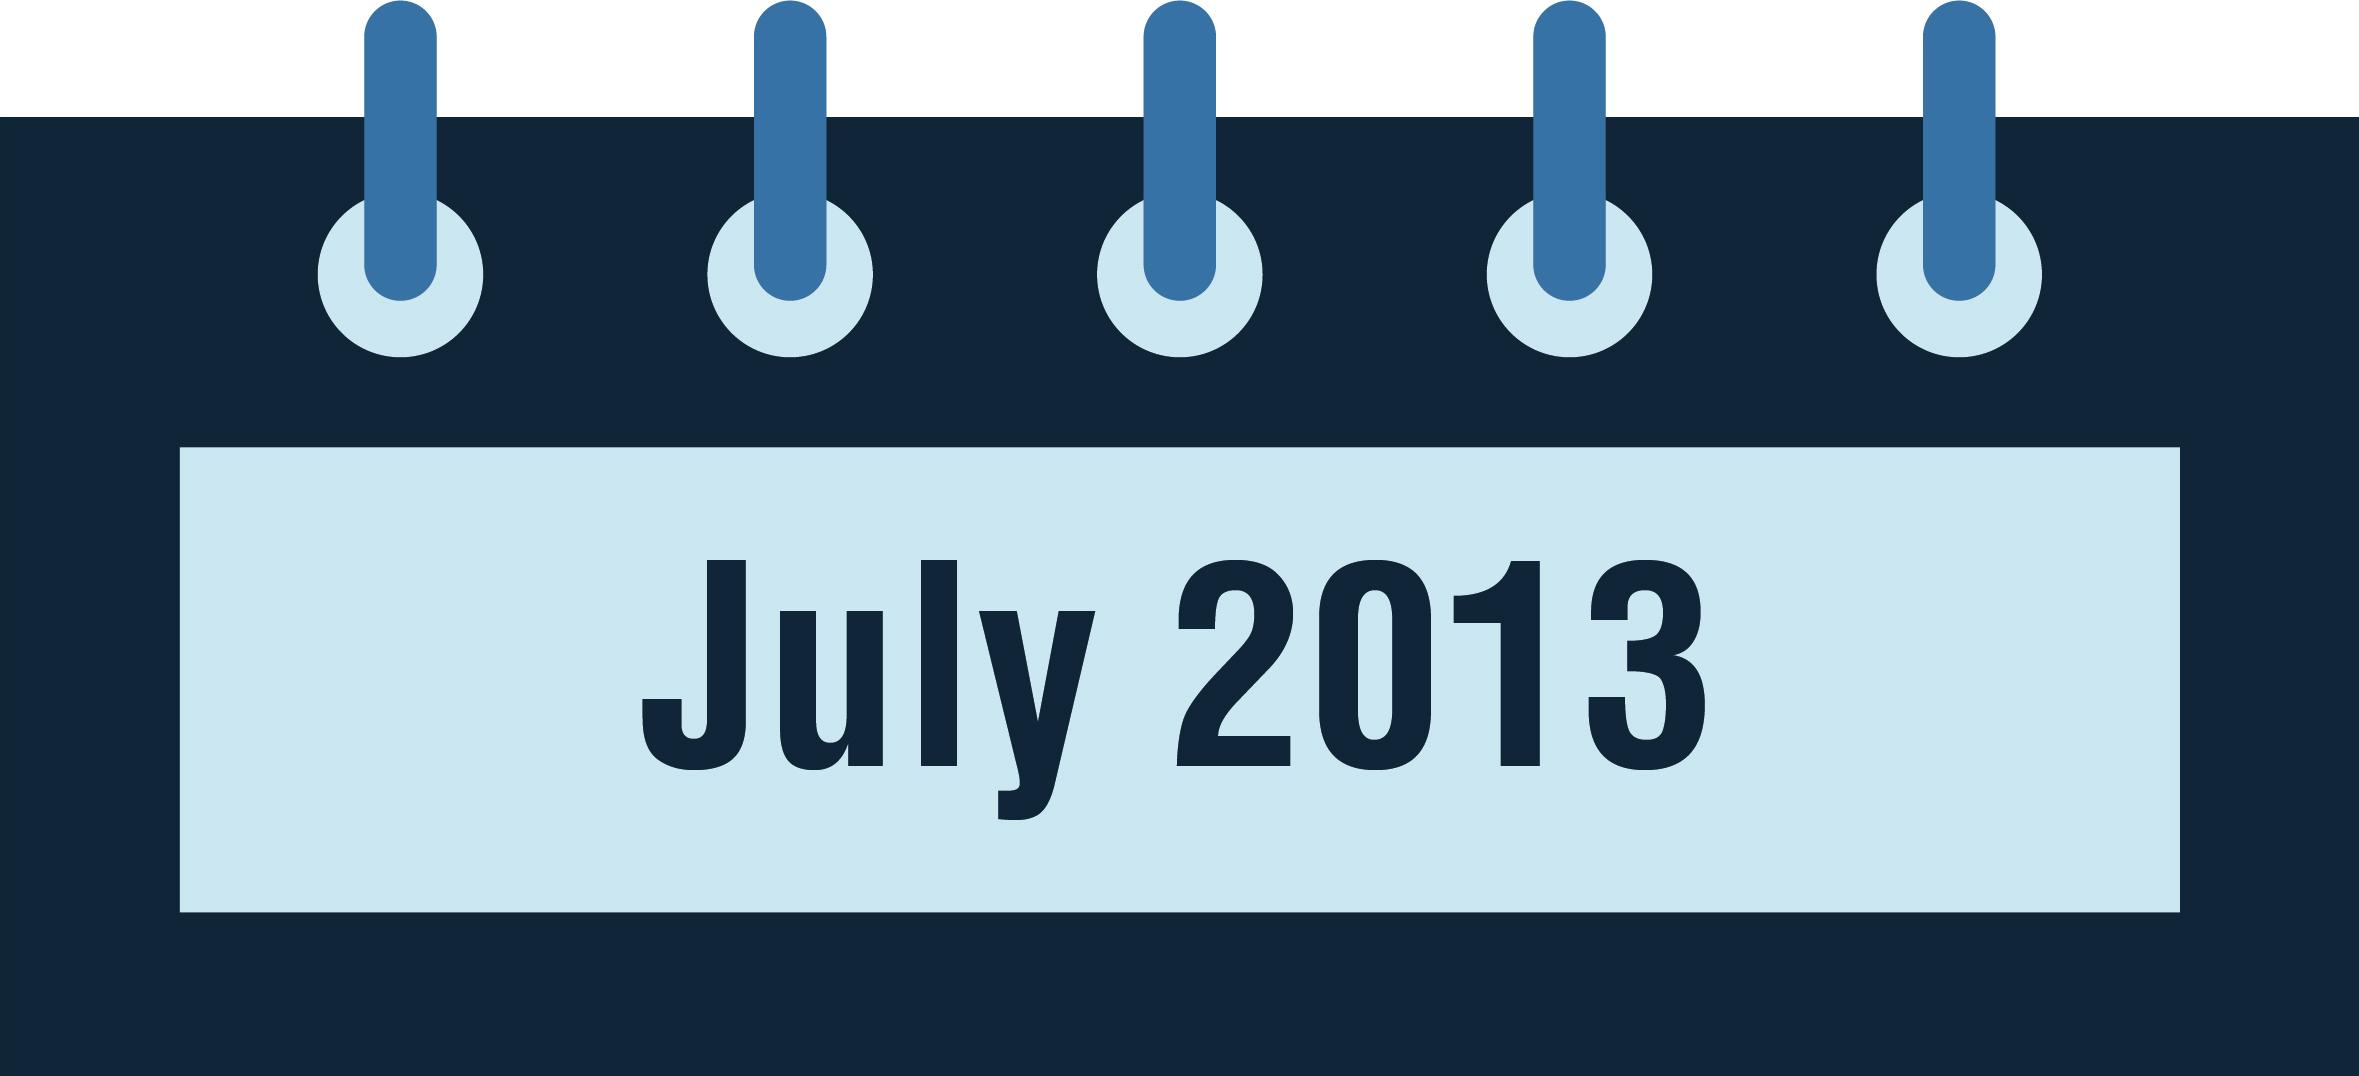 NeuroCheck History - July 2013 (Image © NeuroCheck)